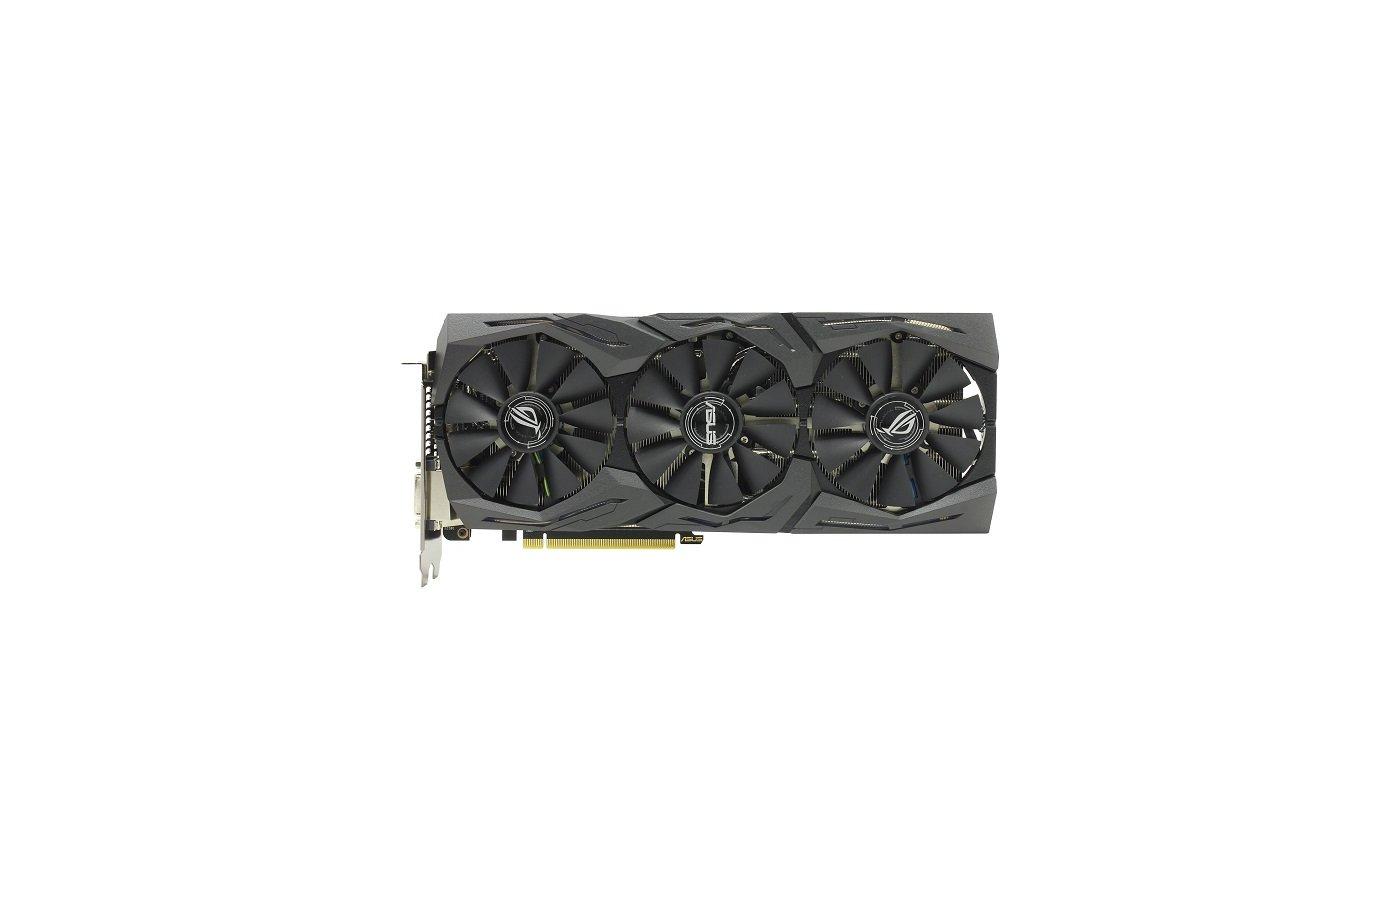 Видеокарта Asus PCI-E STRIX-RX480-O8G-GAMING AMD Radeon RX 480 8192Mb 256bit Ret